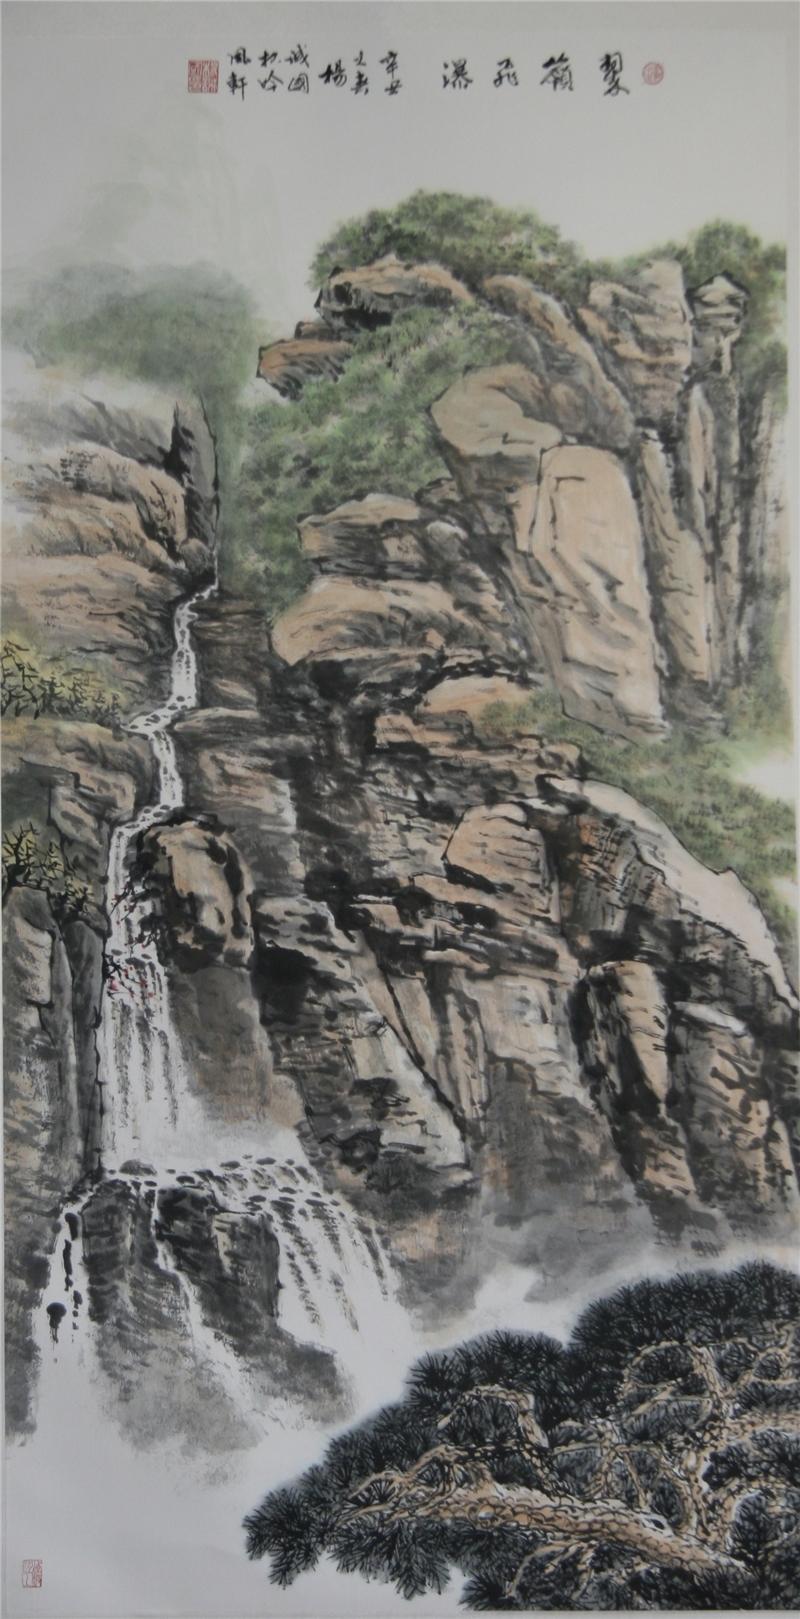 楊誠國作品 68*136  2021紙本設色 瀑飛翠嶺雲煙繚繞,群山連亘蒼翠峭拔。